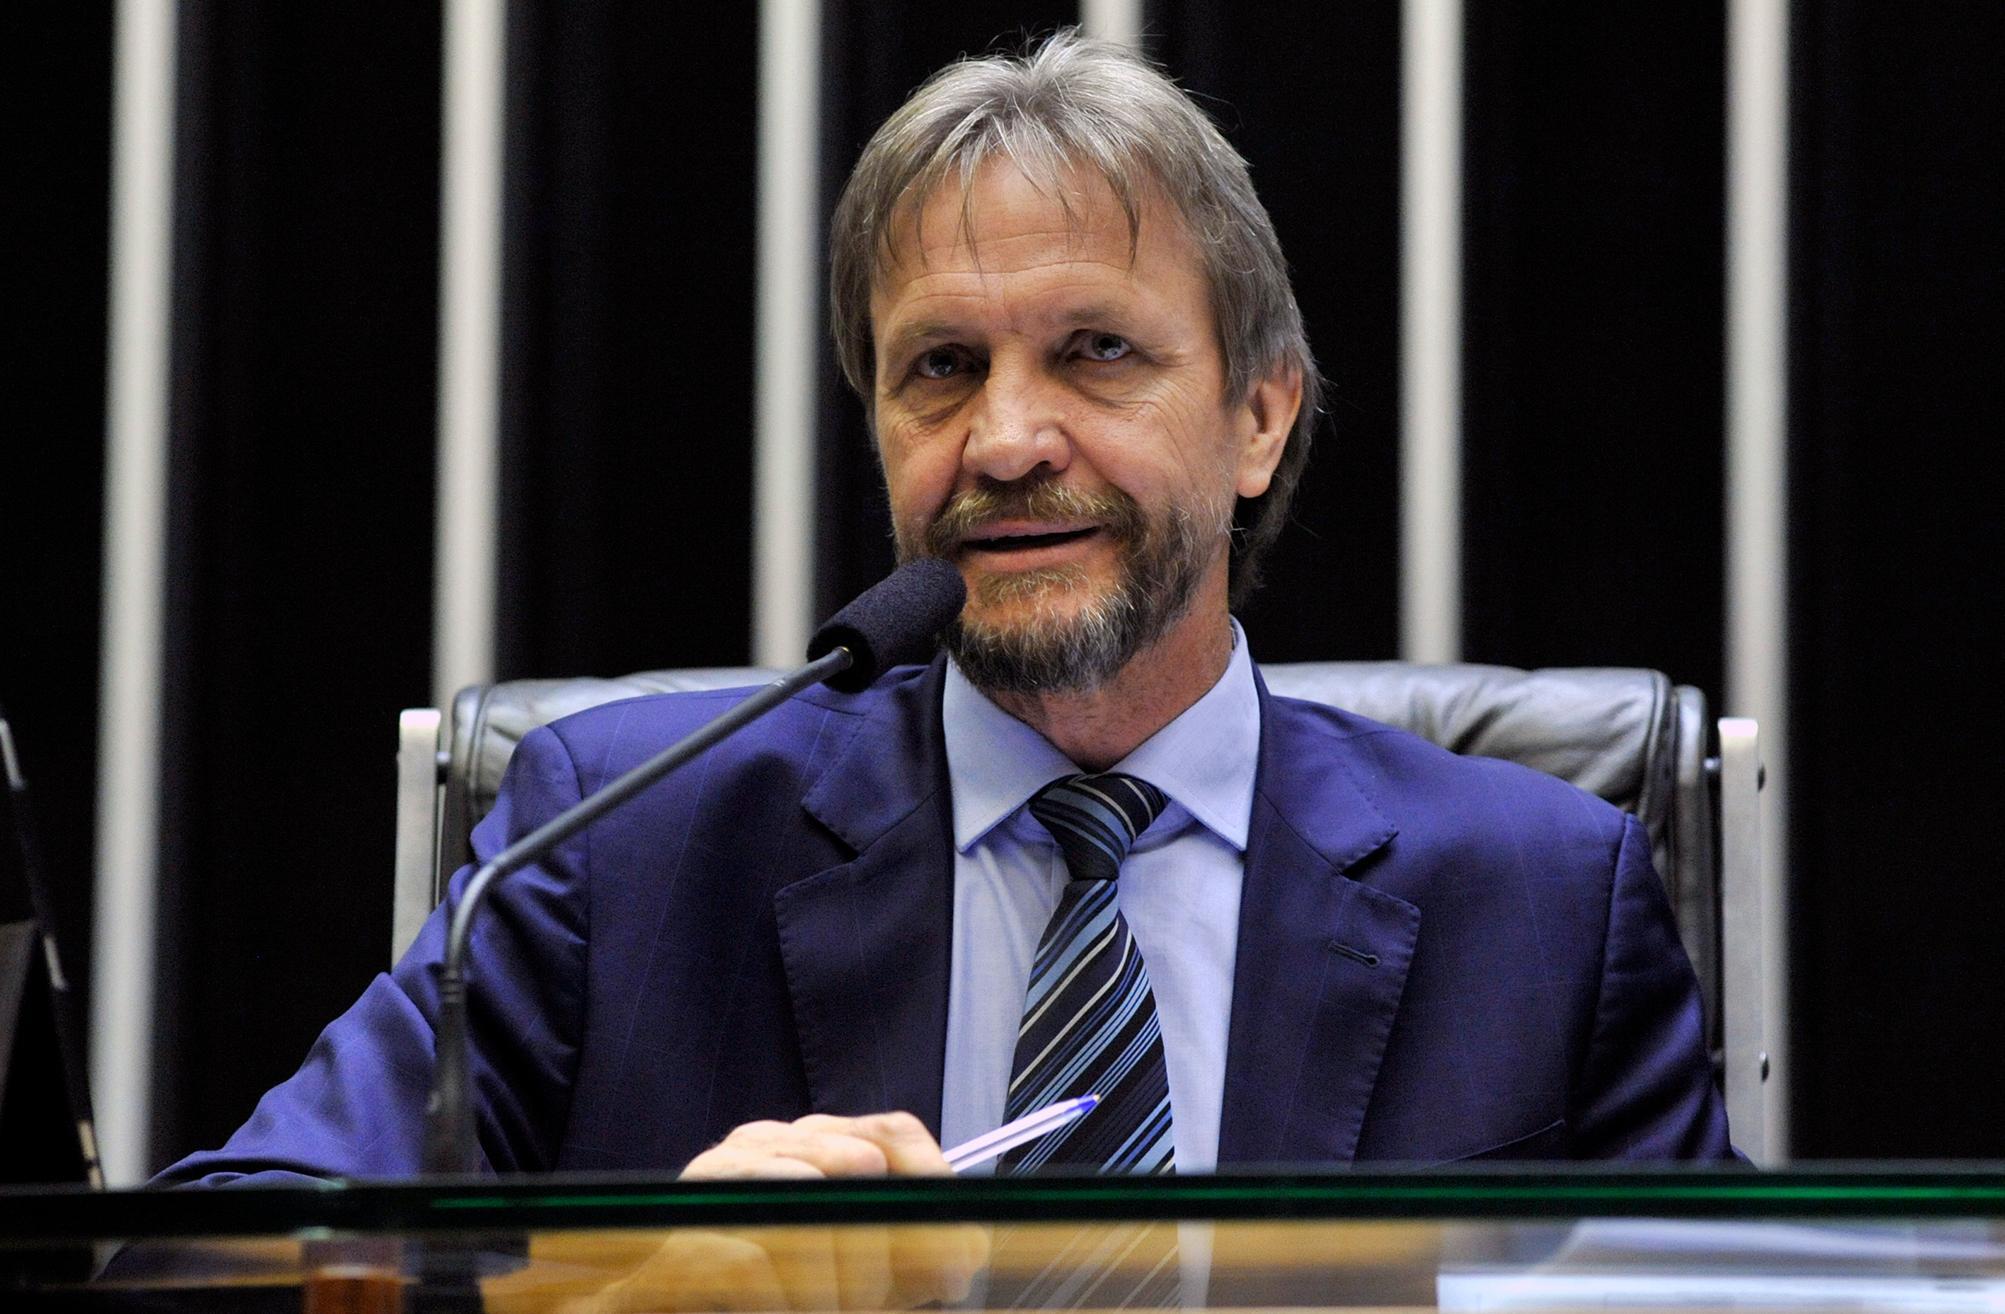 Ordem do dia para discussão e votação de diversos projetos. Dep. Pedro Uczai (PT - SC)